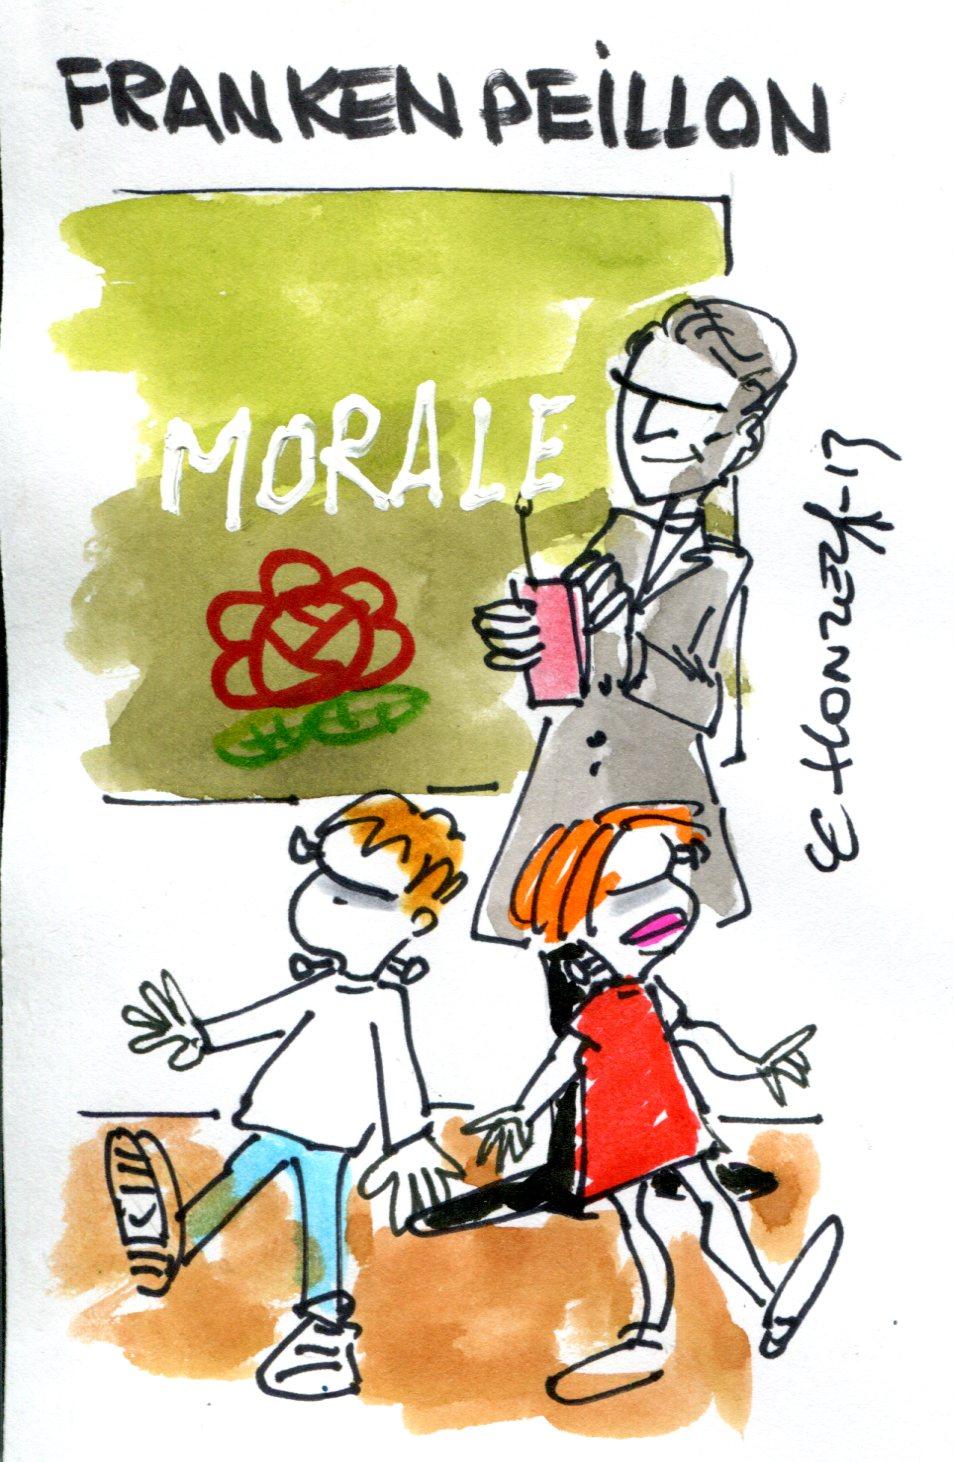 L'enseignement de la morale à l'école : une cruelle déception